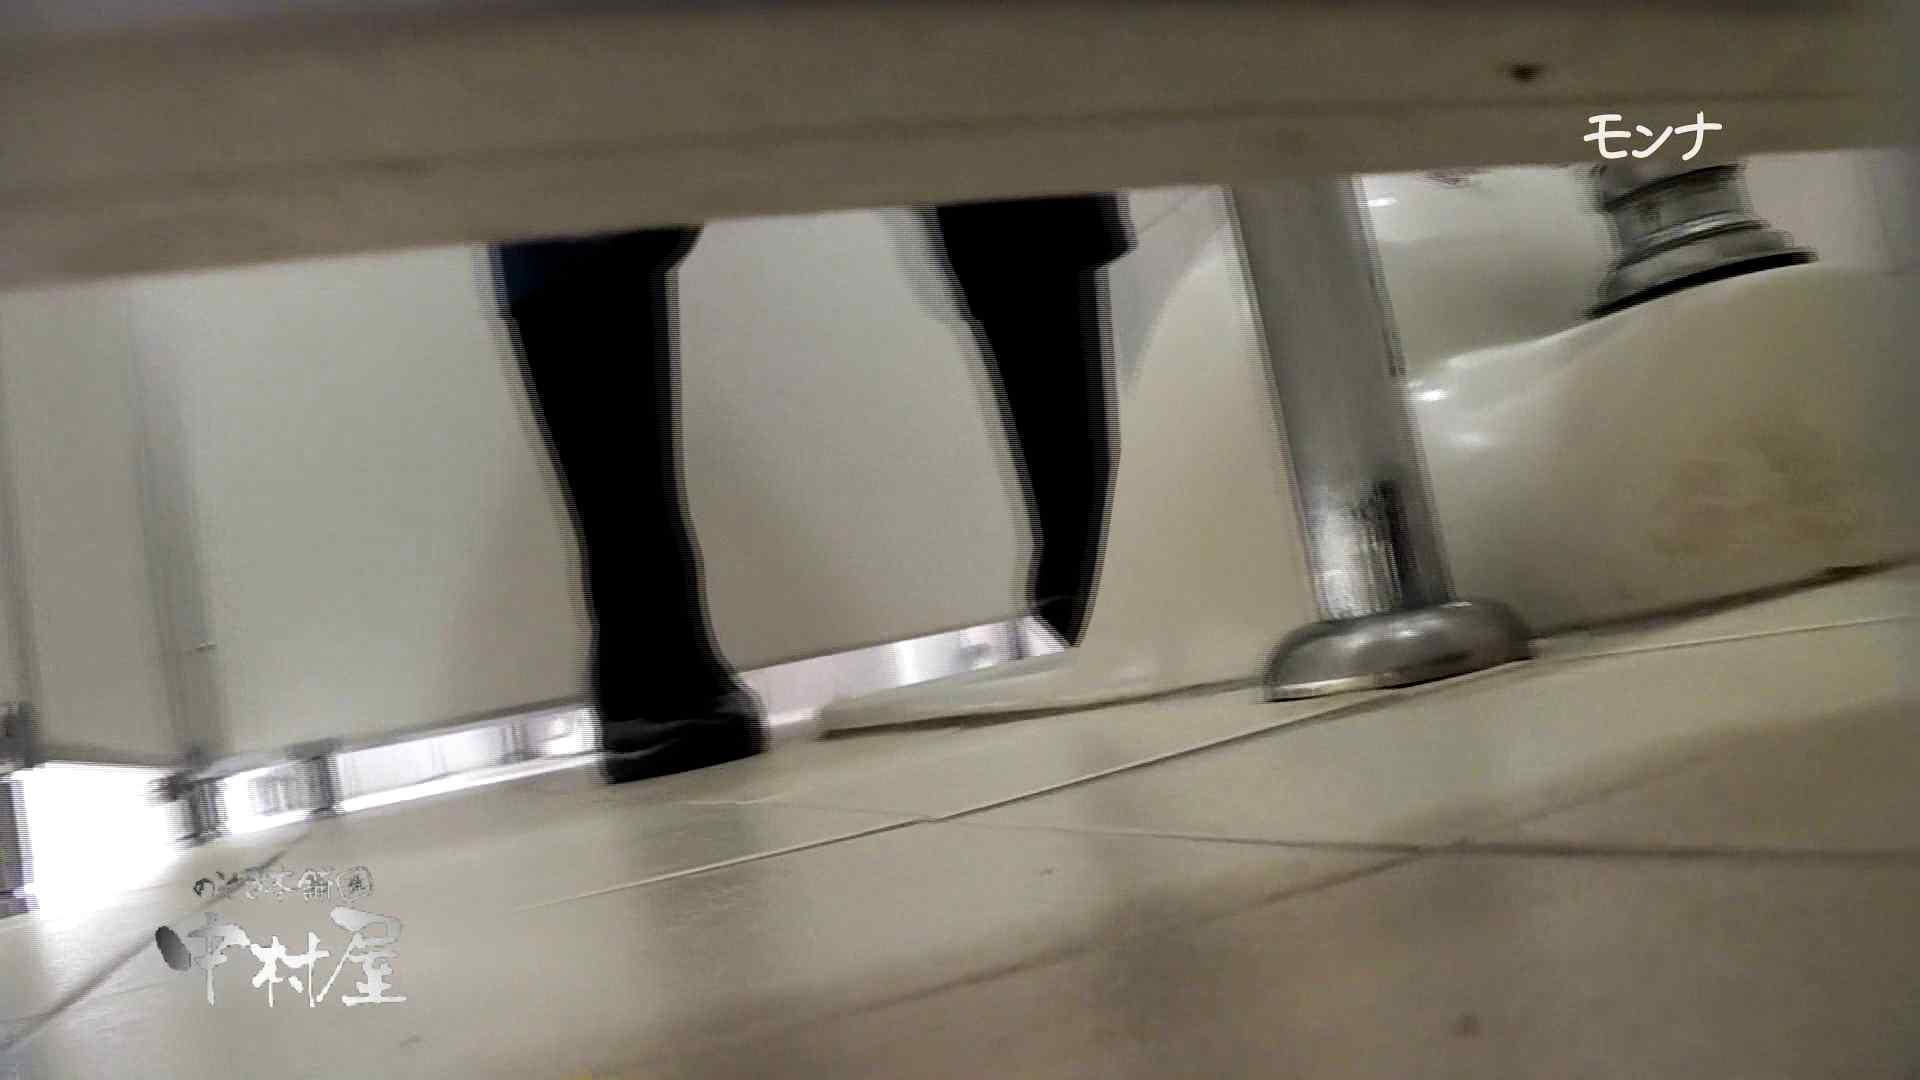 【美しい日本の未来】新学期!!下半身中心に攻めてます美女可愛い女子悪戯盗satuトイレ後編 悪戯 | 下半身  97pic 81